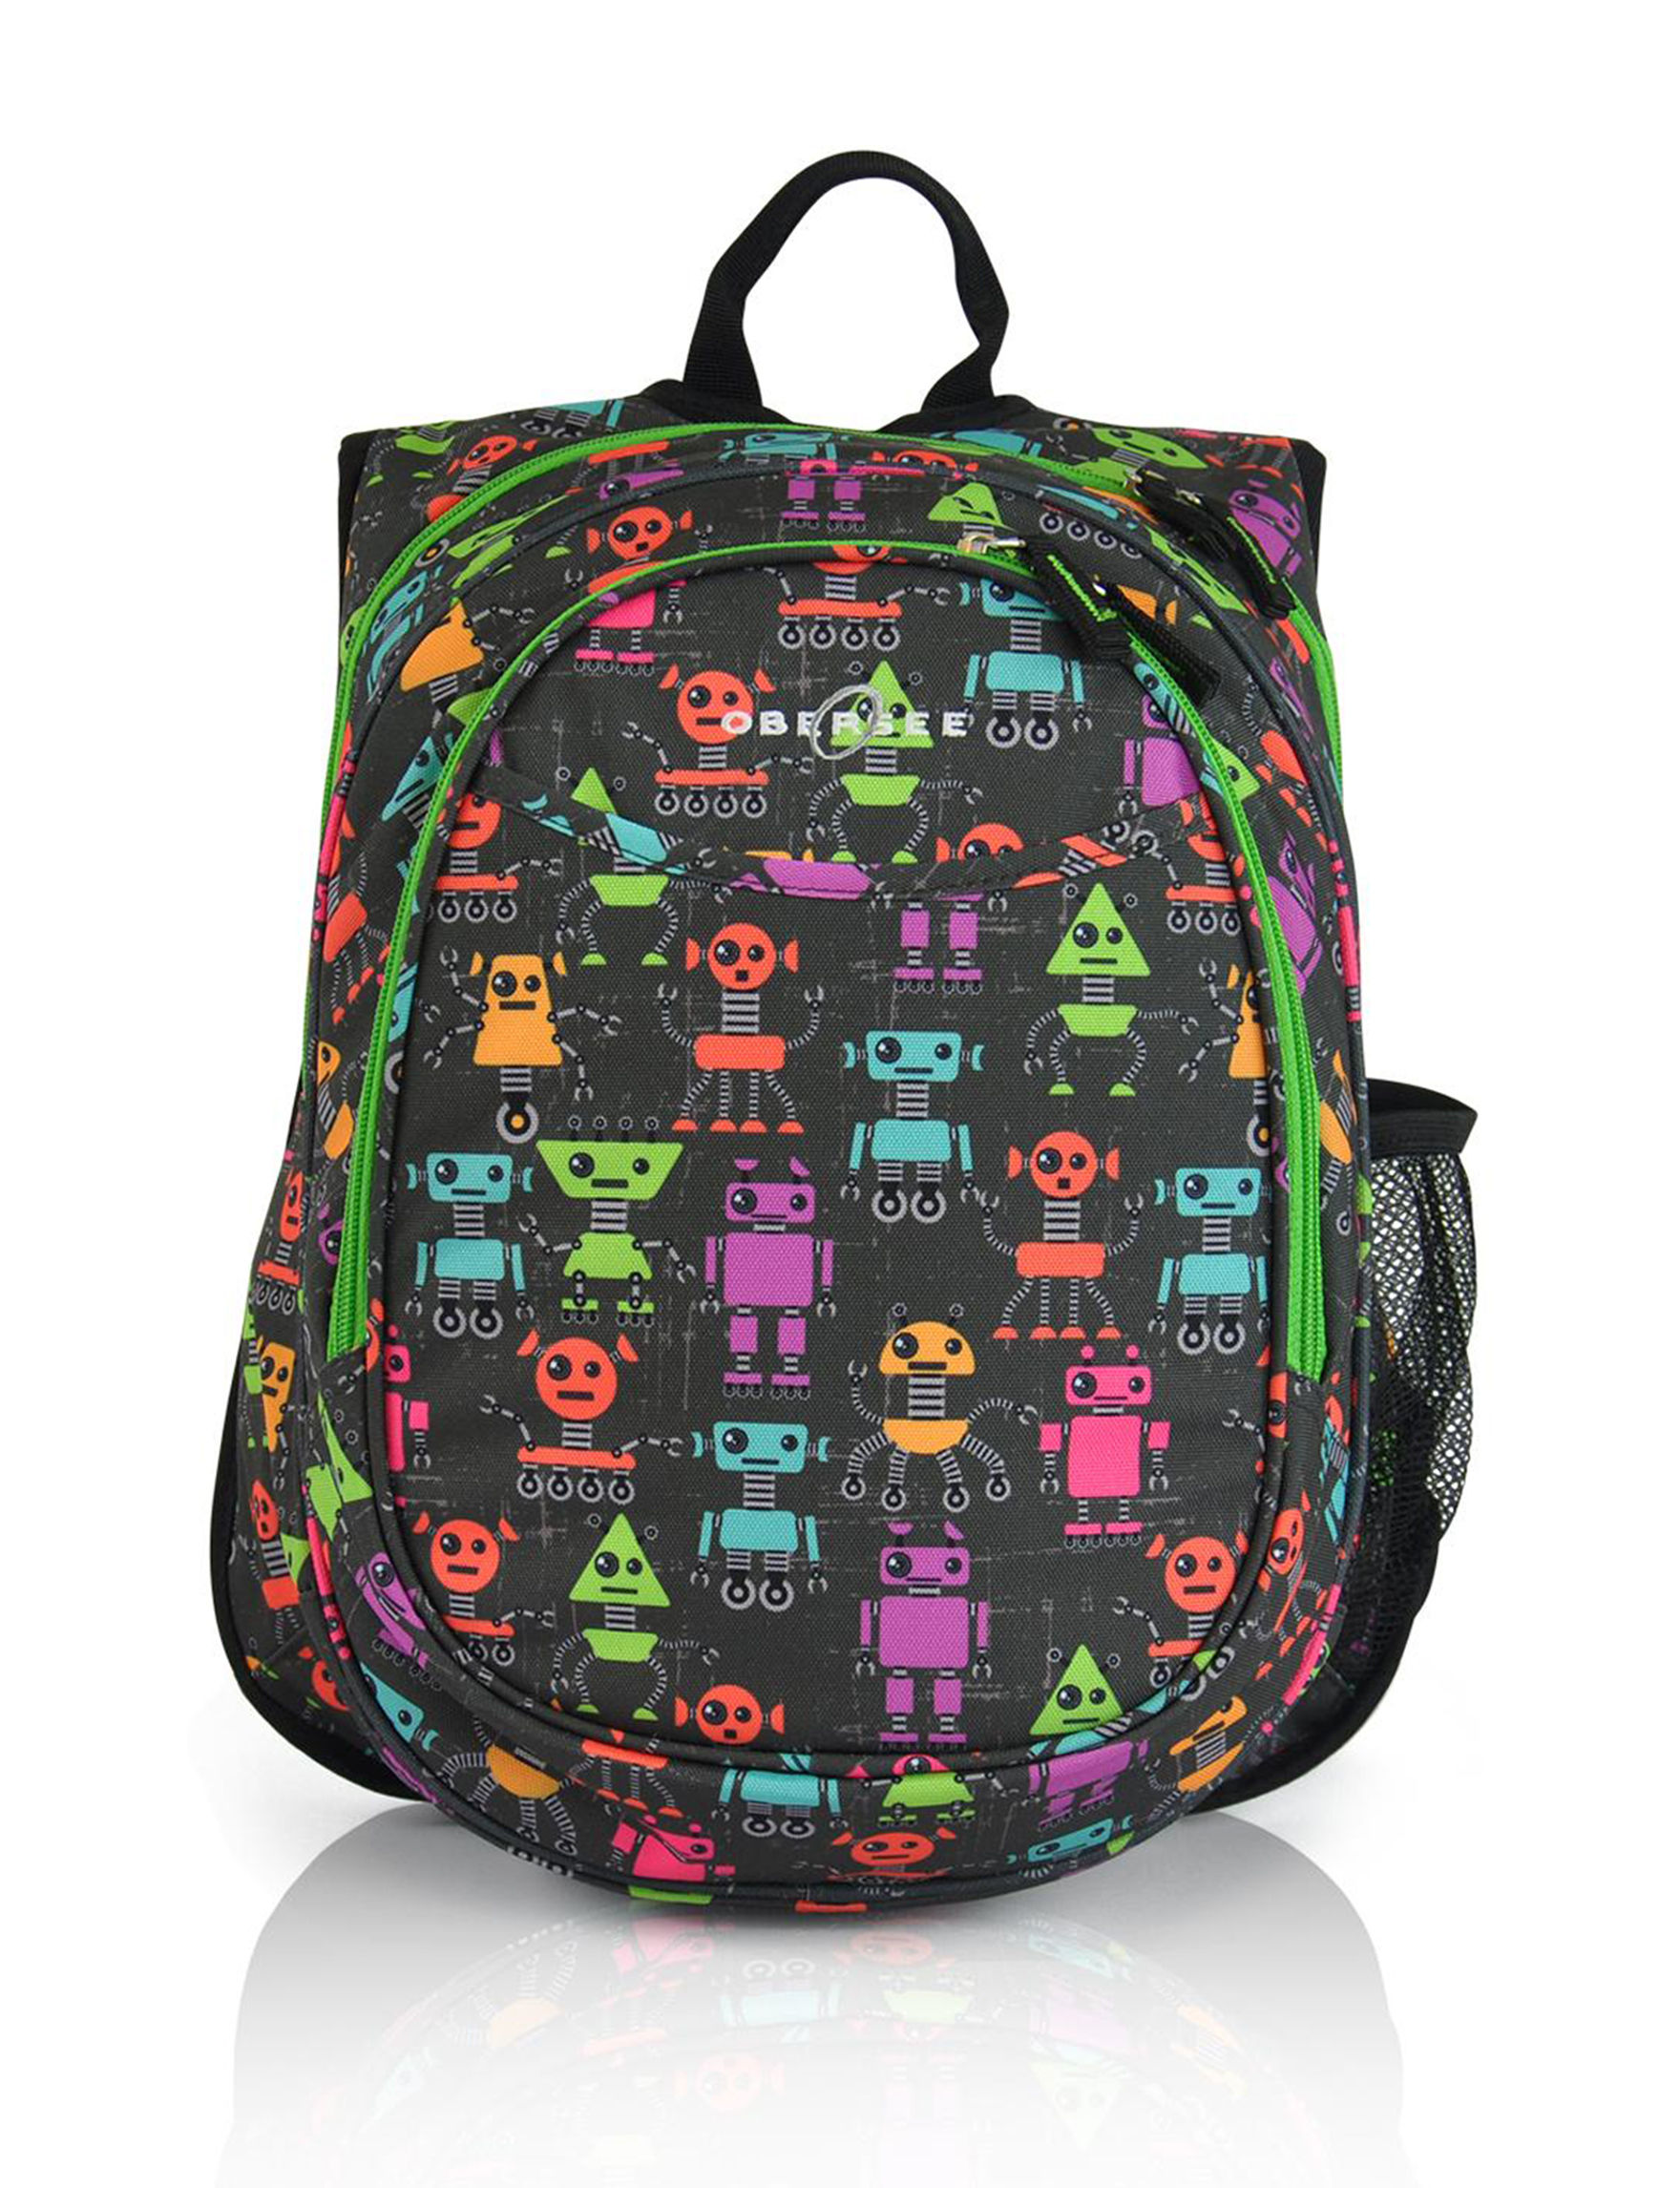 Obersee Black Multi Bookbags & Backpacks Diaper Bags